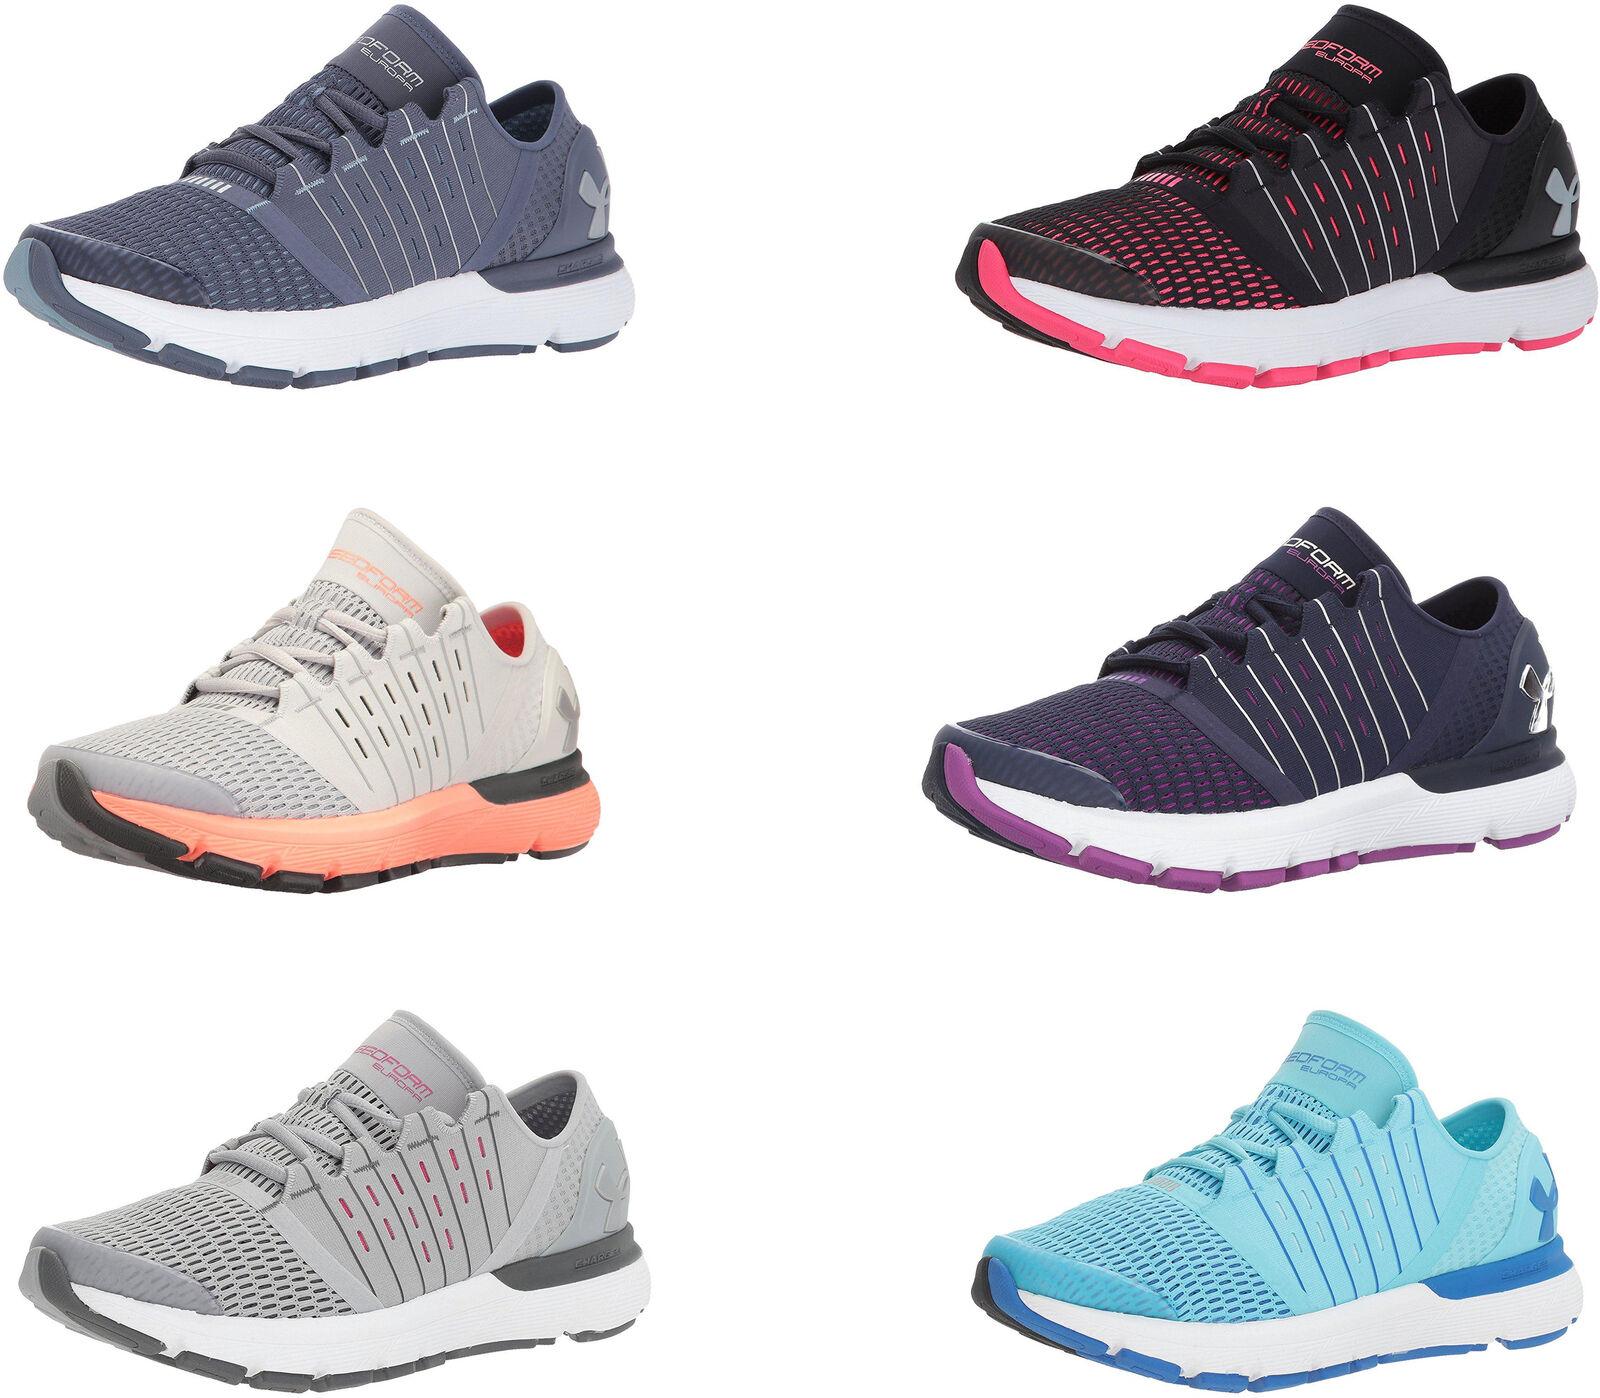 Under Armour Women's Speedform Europa Shoes, 6 Colors